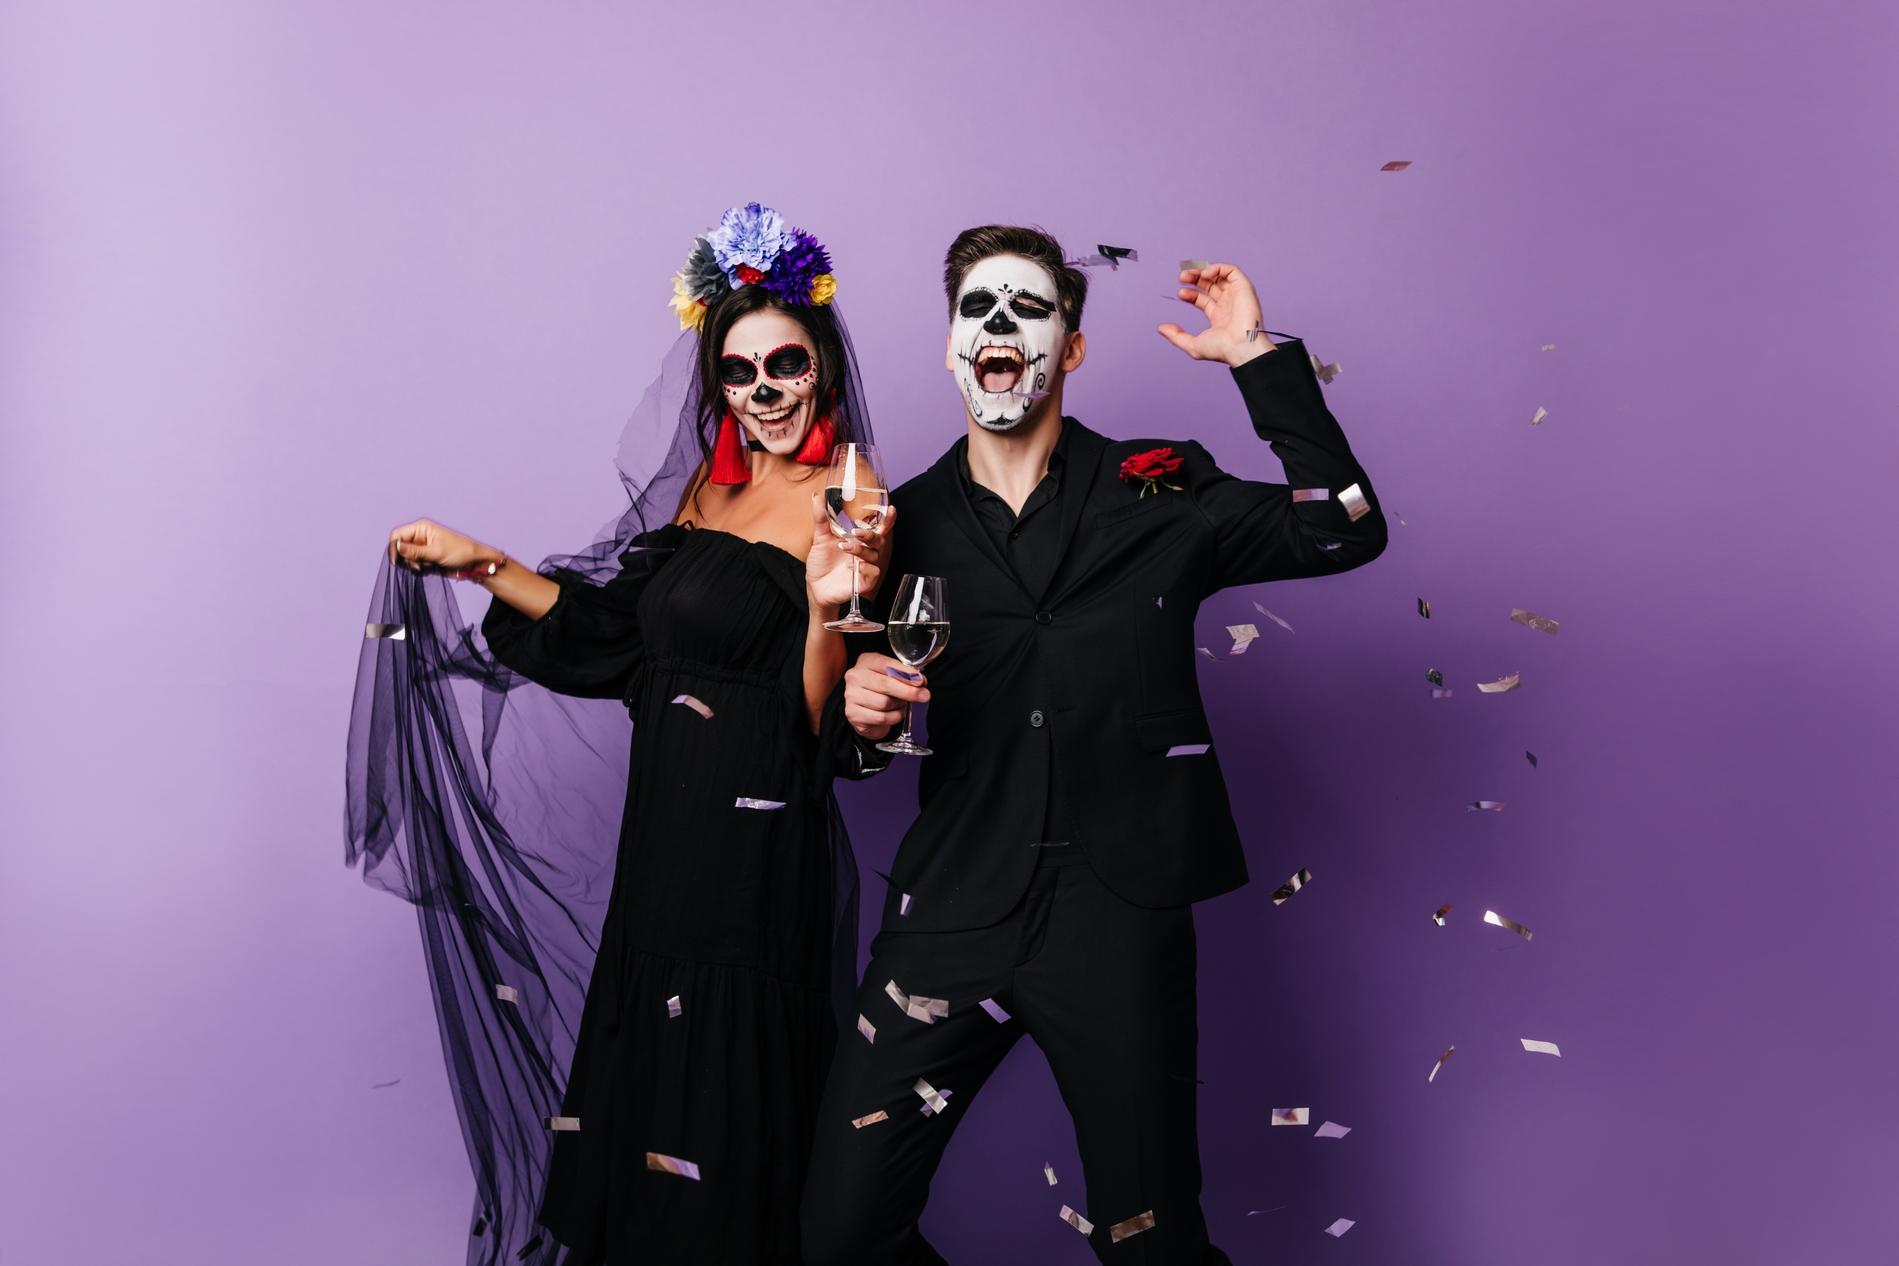 möblum-día_de_muertos-evento-catrinas-pareja-felices